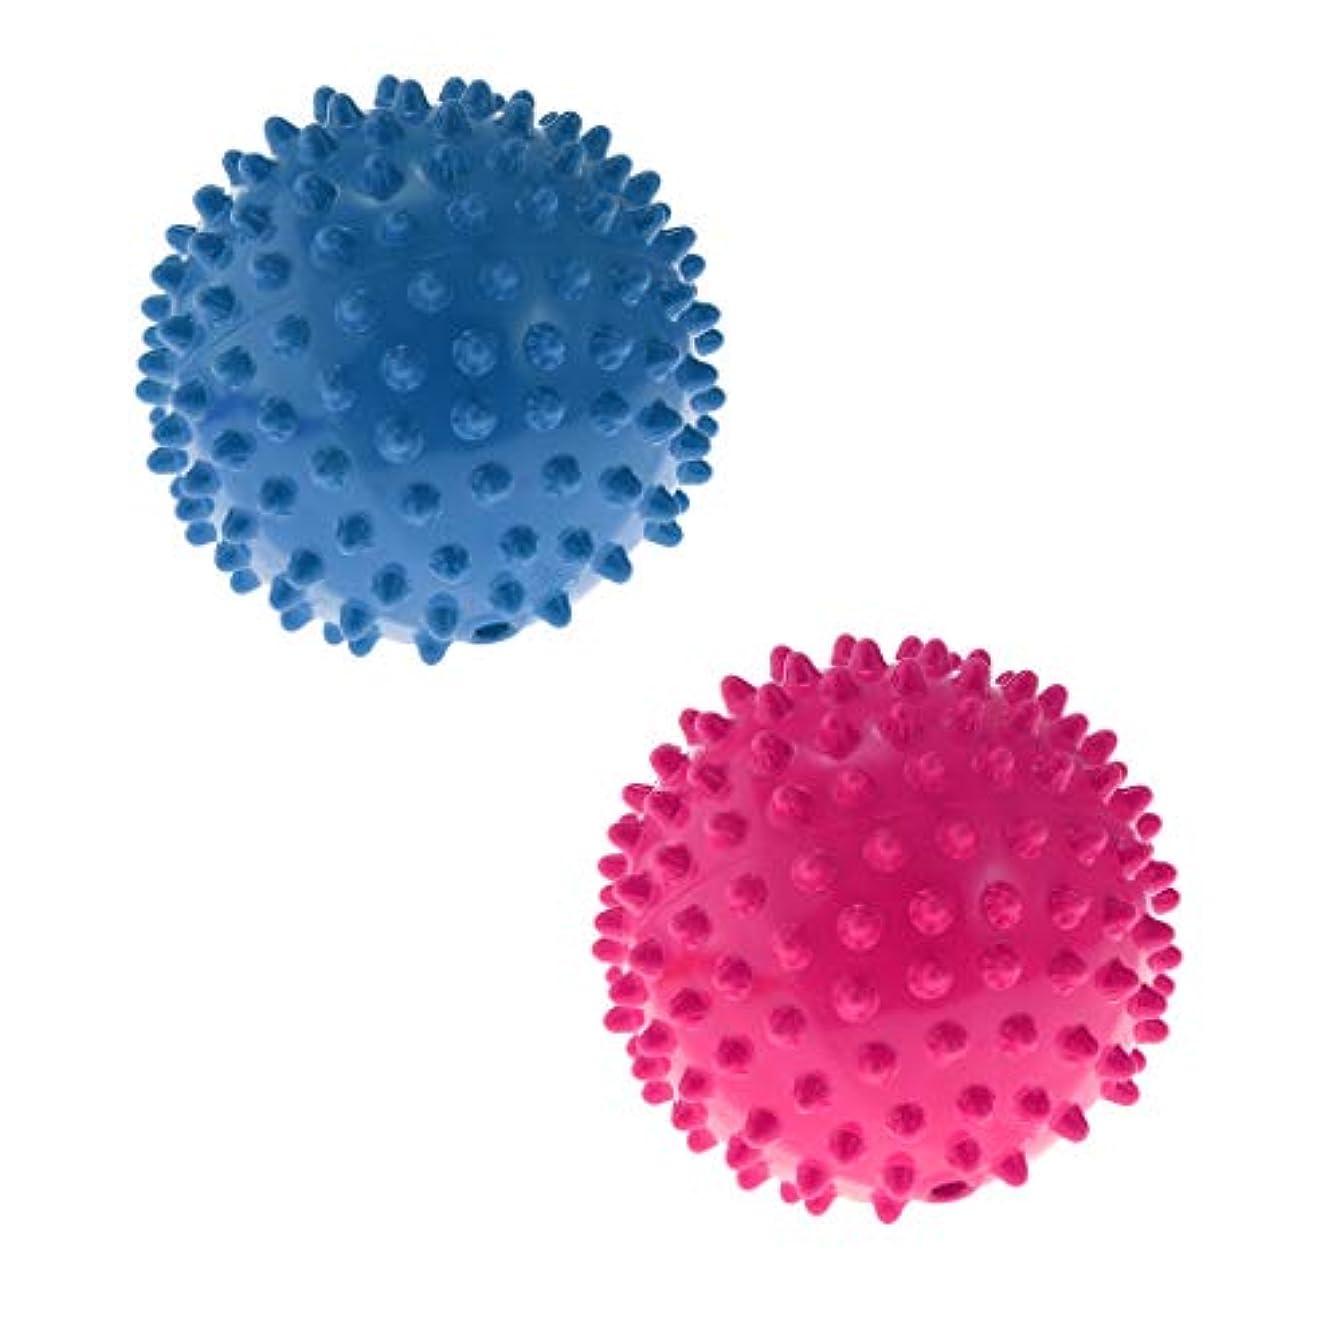 罪人木製非行指圧ボール 触覚ボール マッサージローラー ローラーボール 軽量 持ち運び便利 補助ツール 2ピース